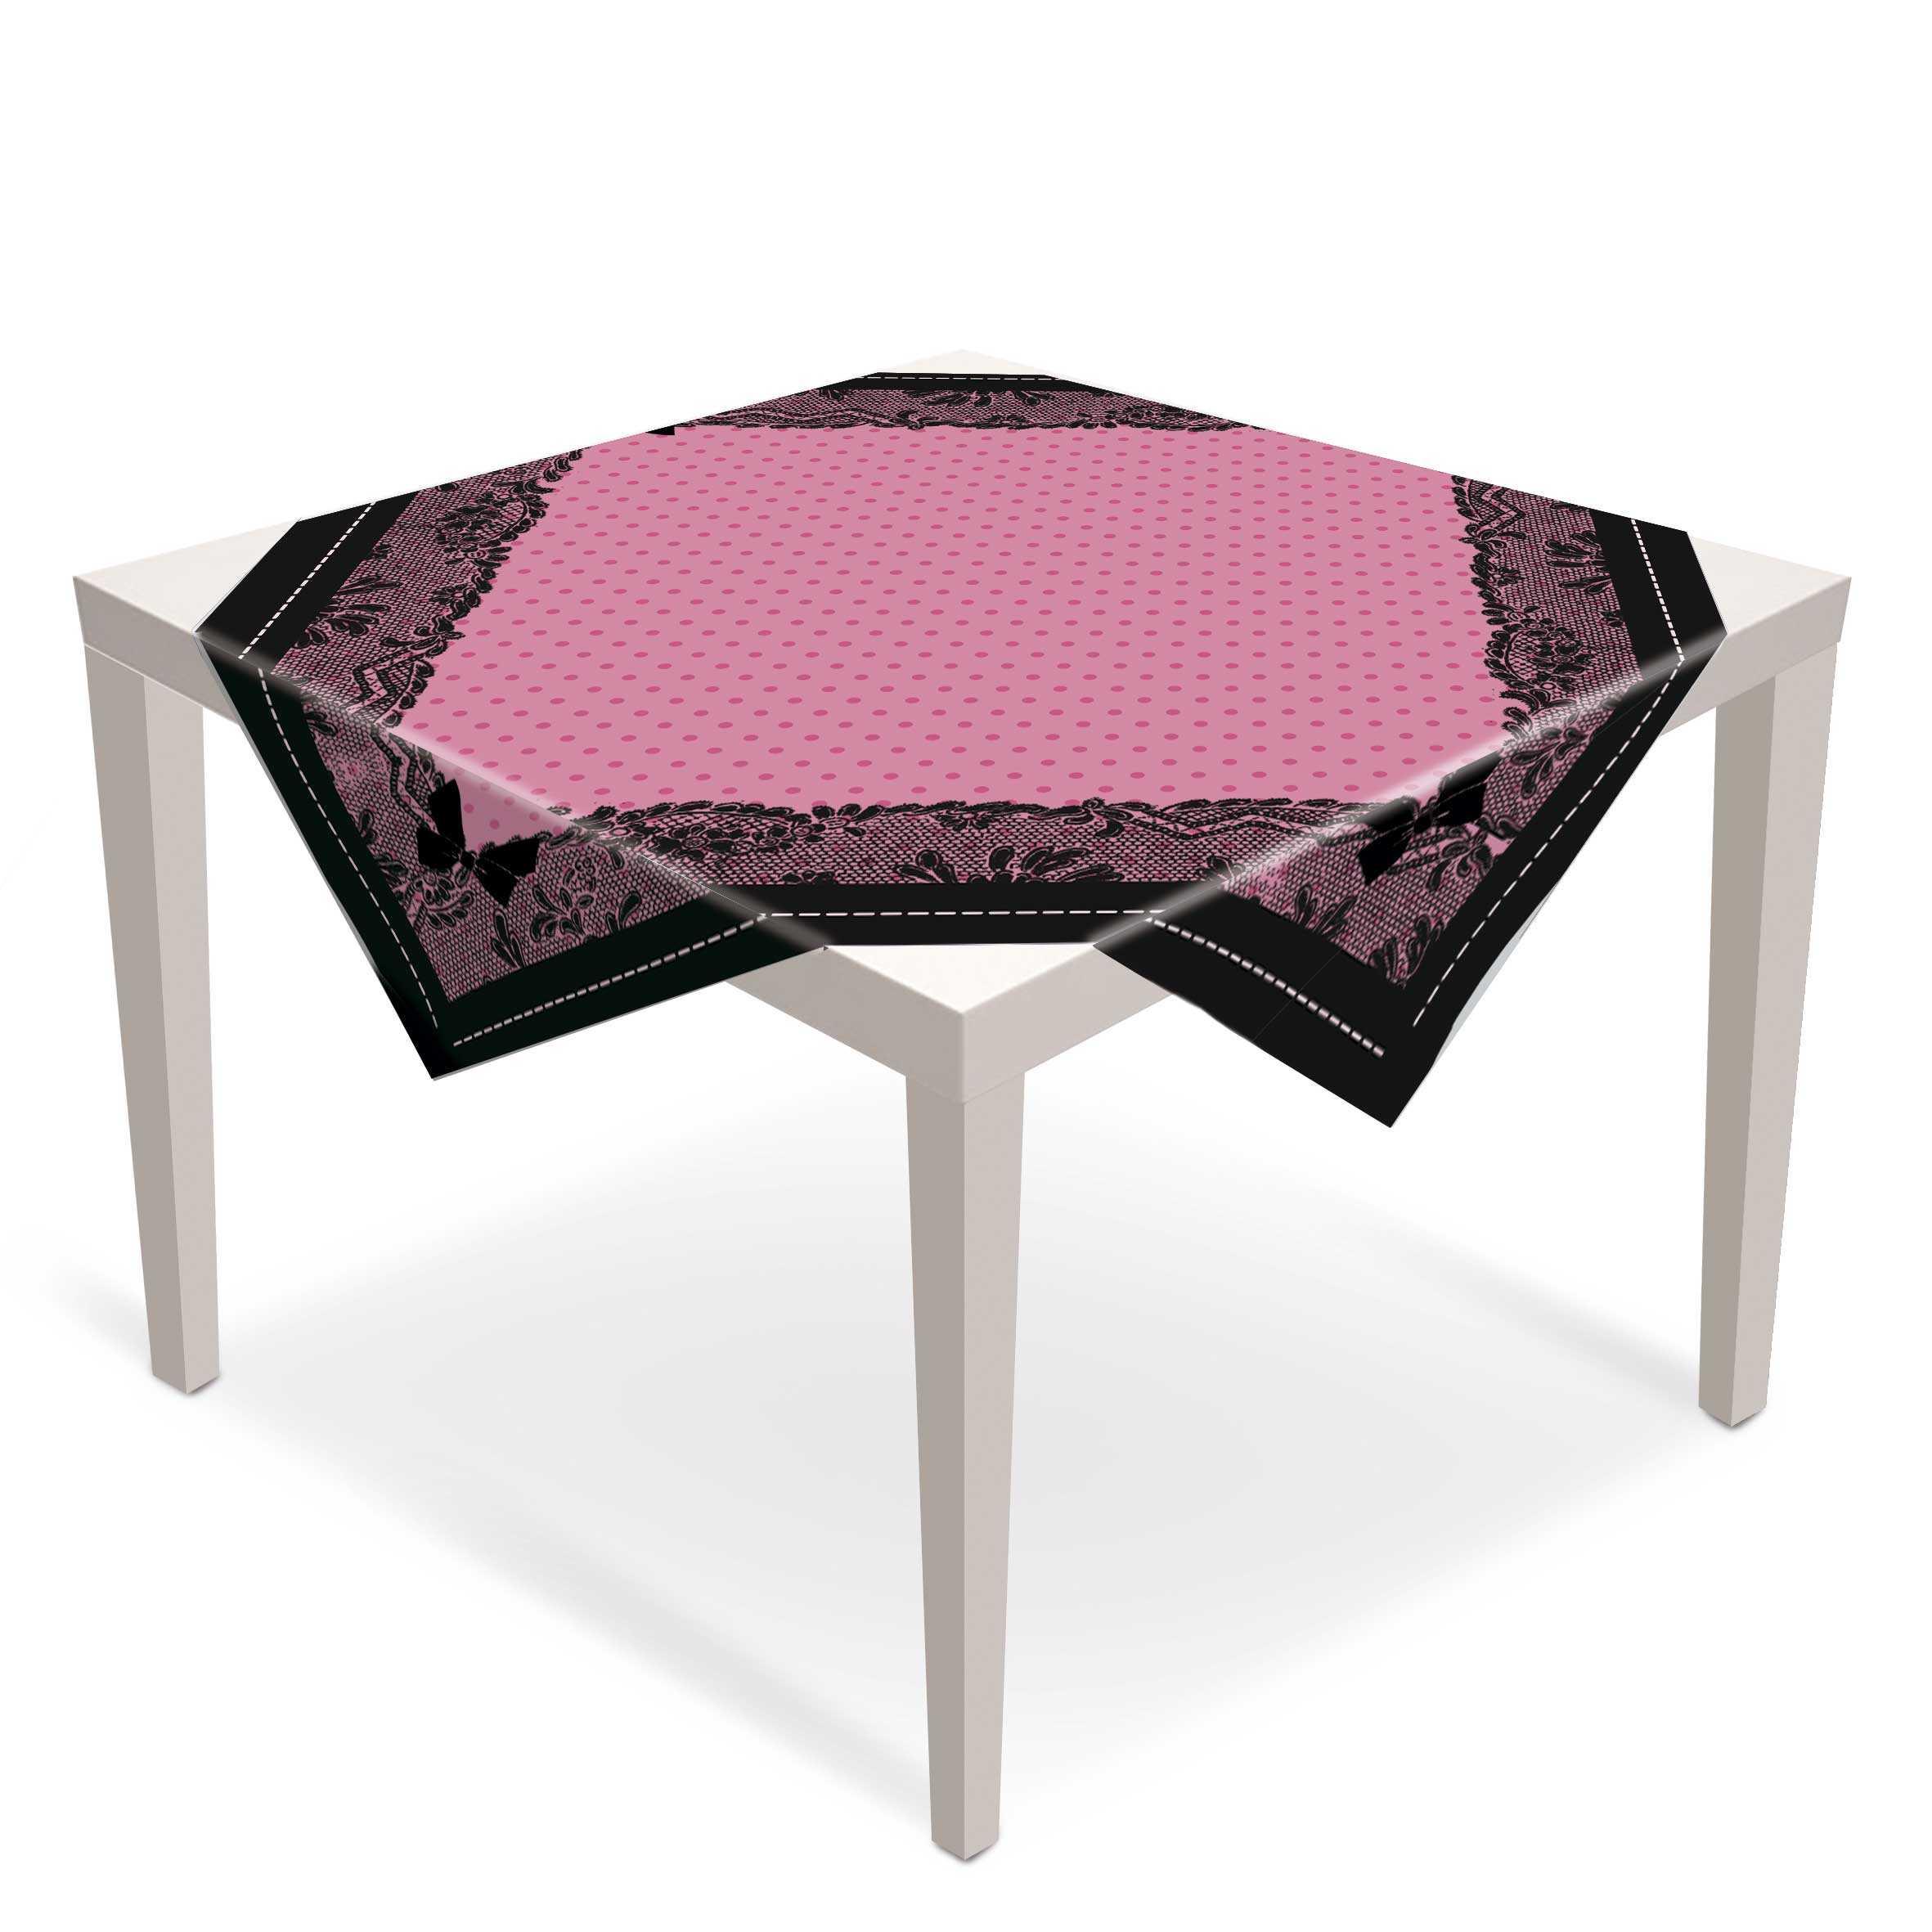 Toalha de Mesa Convidados Chá de Lingerie 79x79 cm  c/5  Cromus